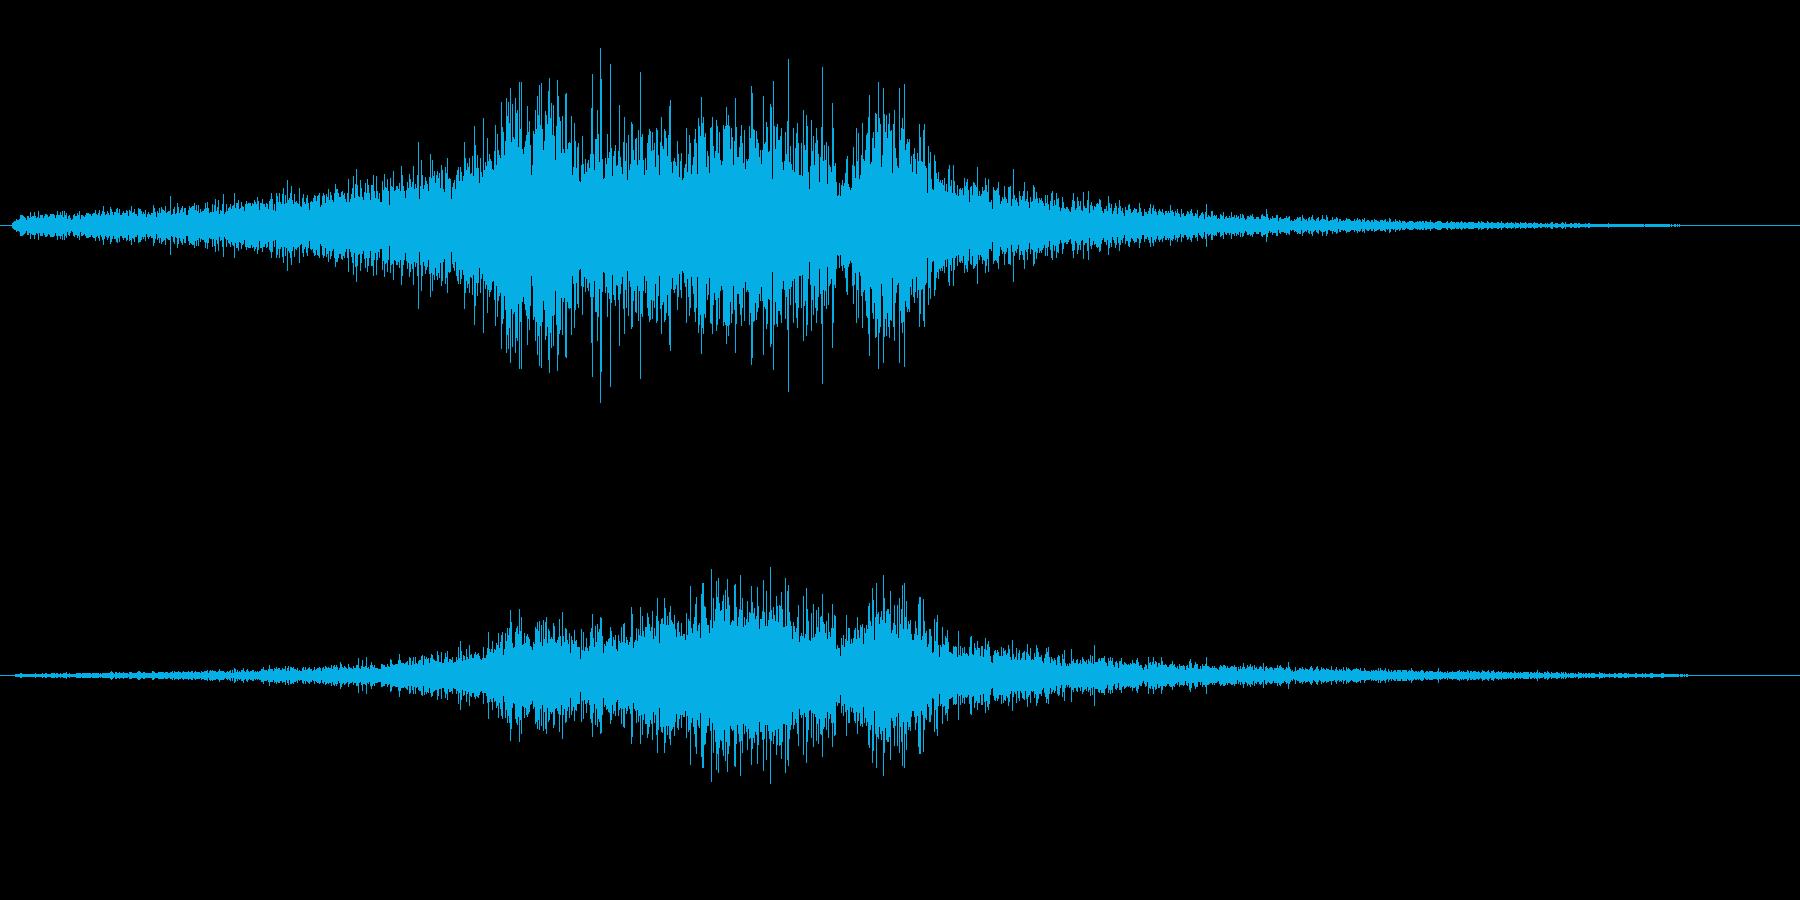 プフィーンシャーン!(電気的な金縛り音)の再生済みの波形